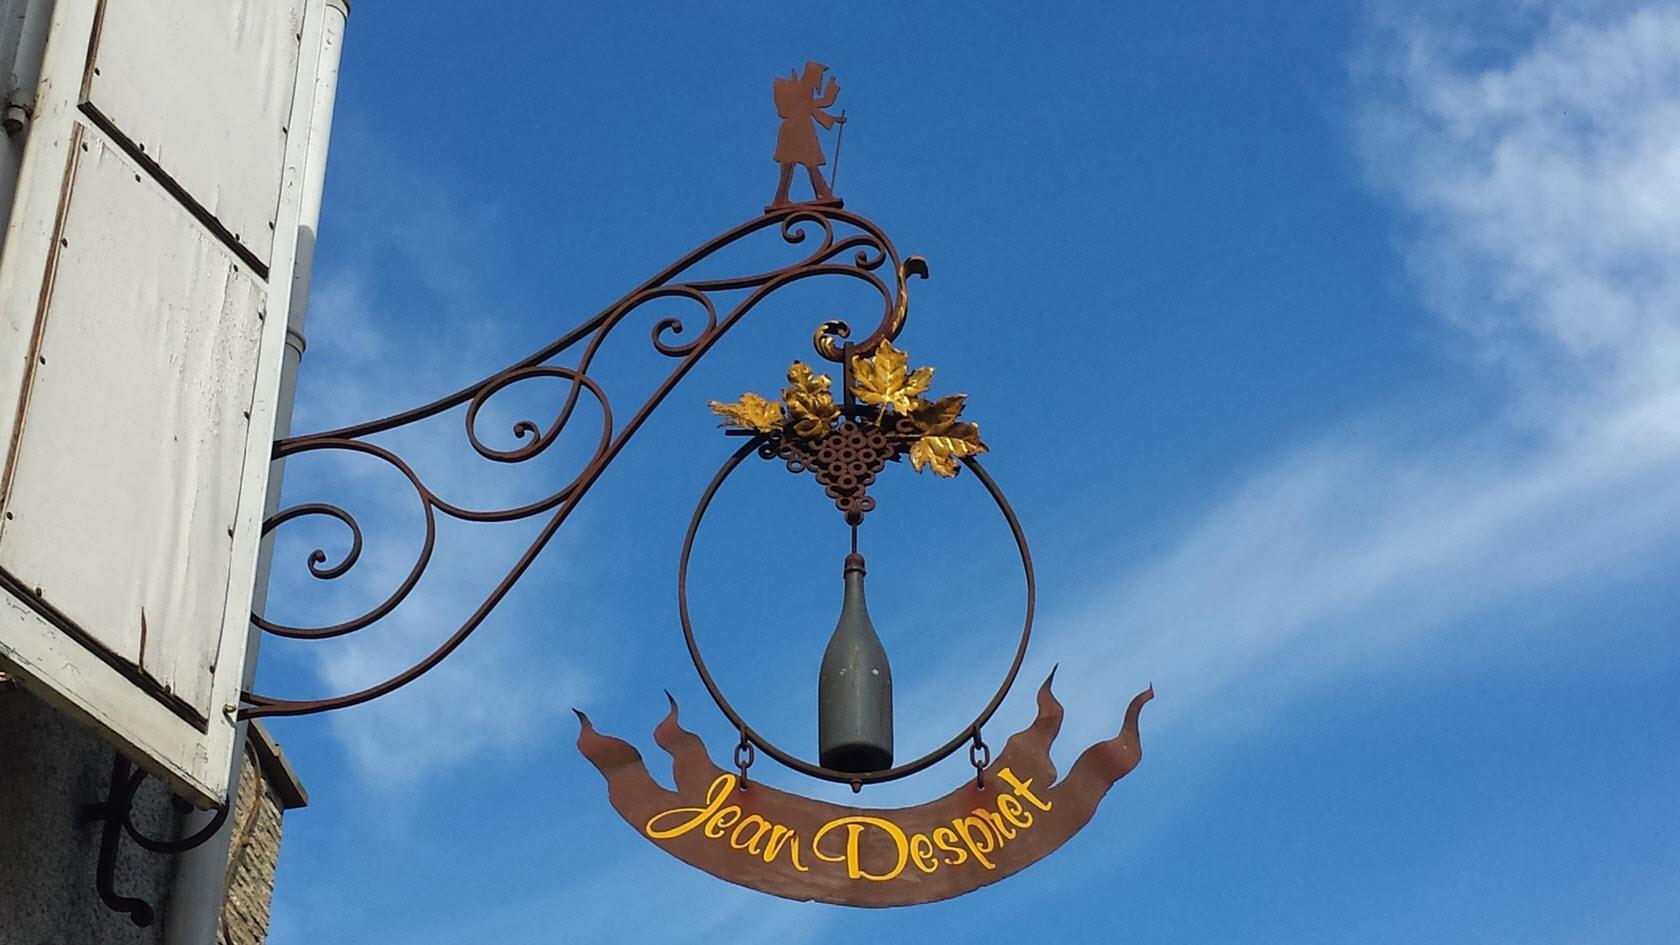 Champagne Jean Despret